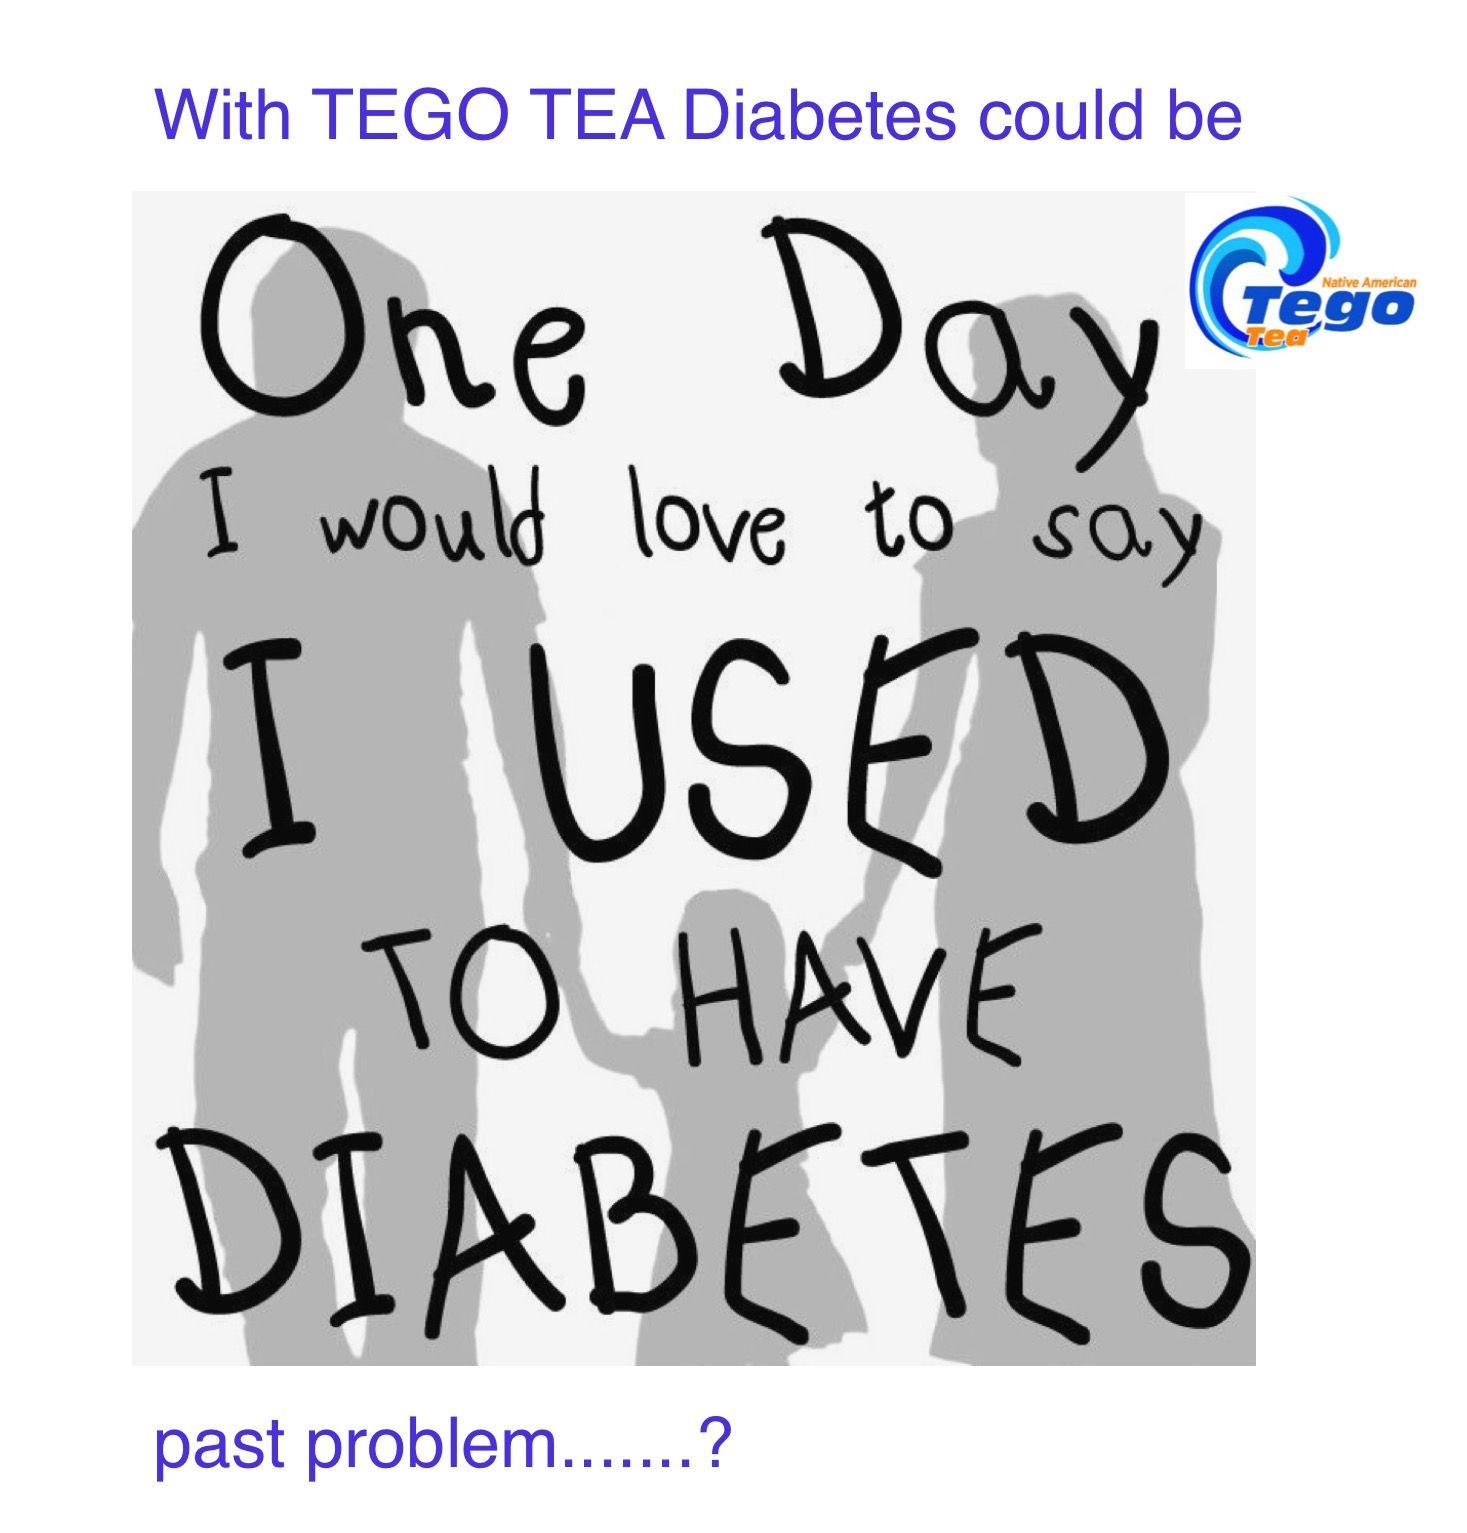 2ffa3766e4258f446ae167e75e9d0edb pin by linda verge on diabetes pinterest diabetes